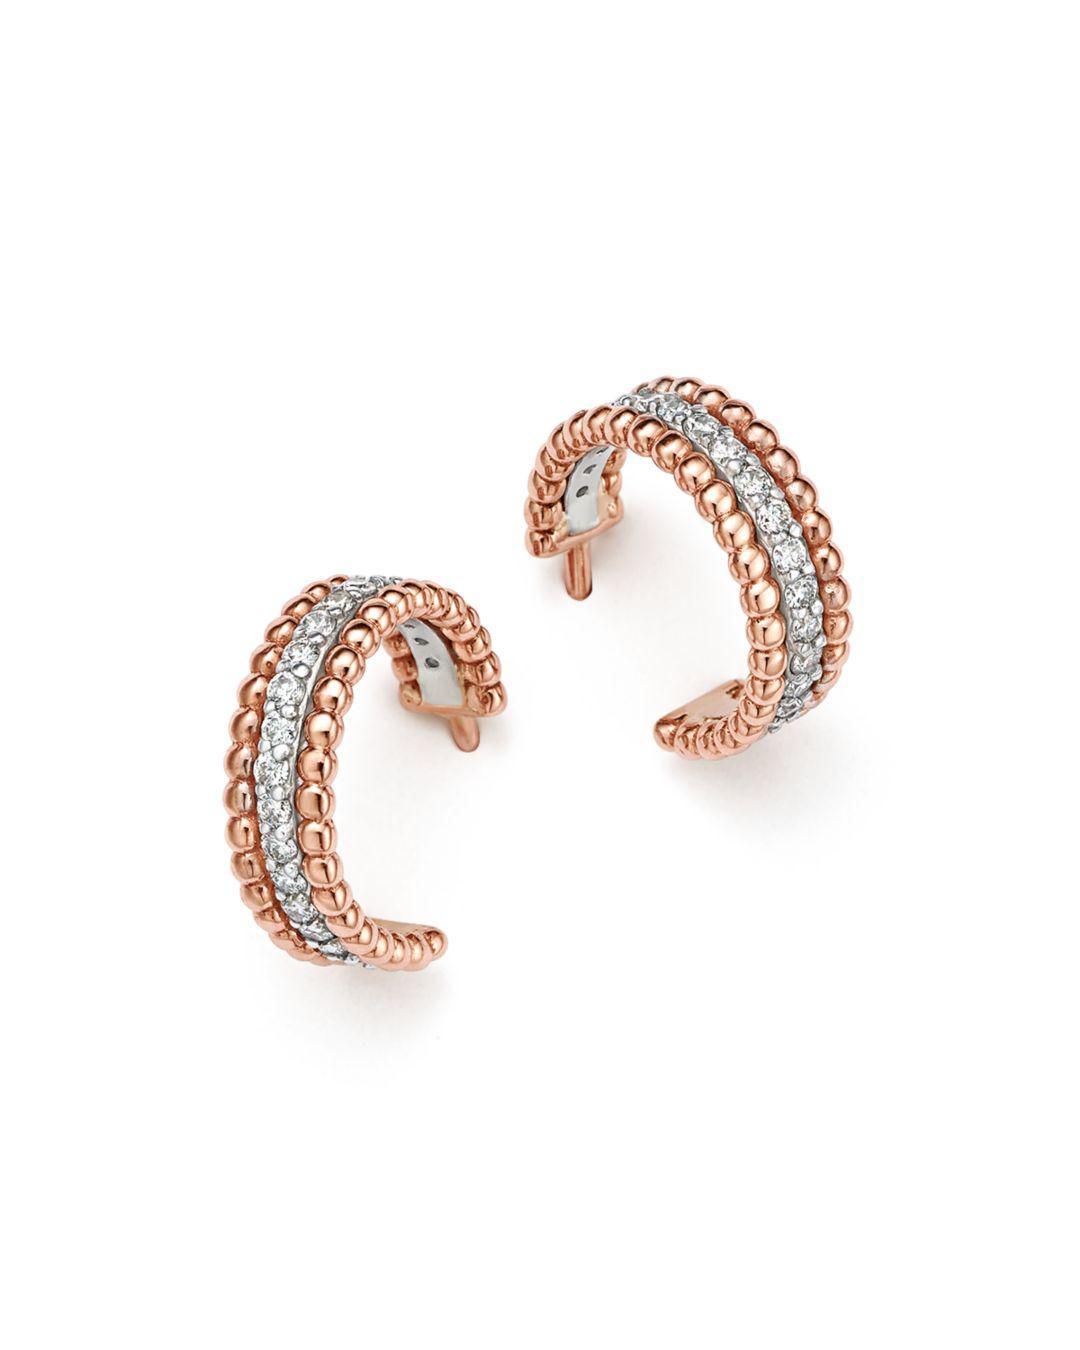 b27037f3103711 Bloomingdale's Diamond Beaded Huggie Hoop Earrings In 14k White And ...